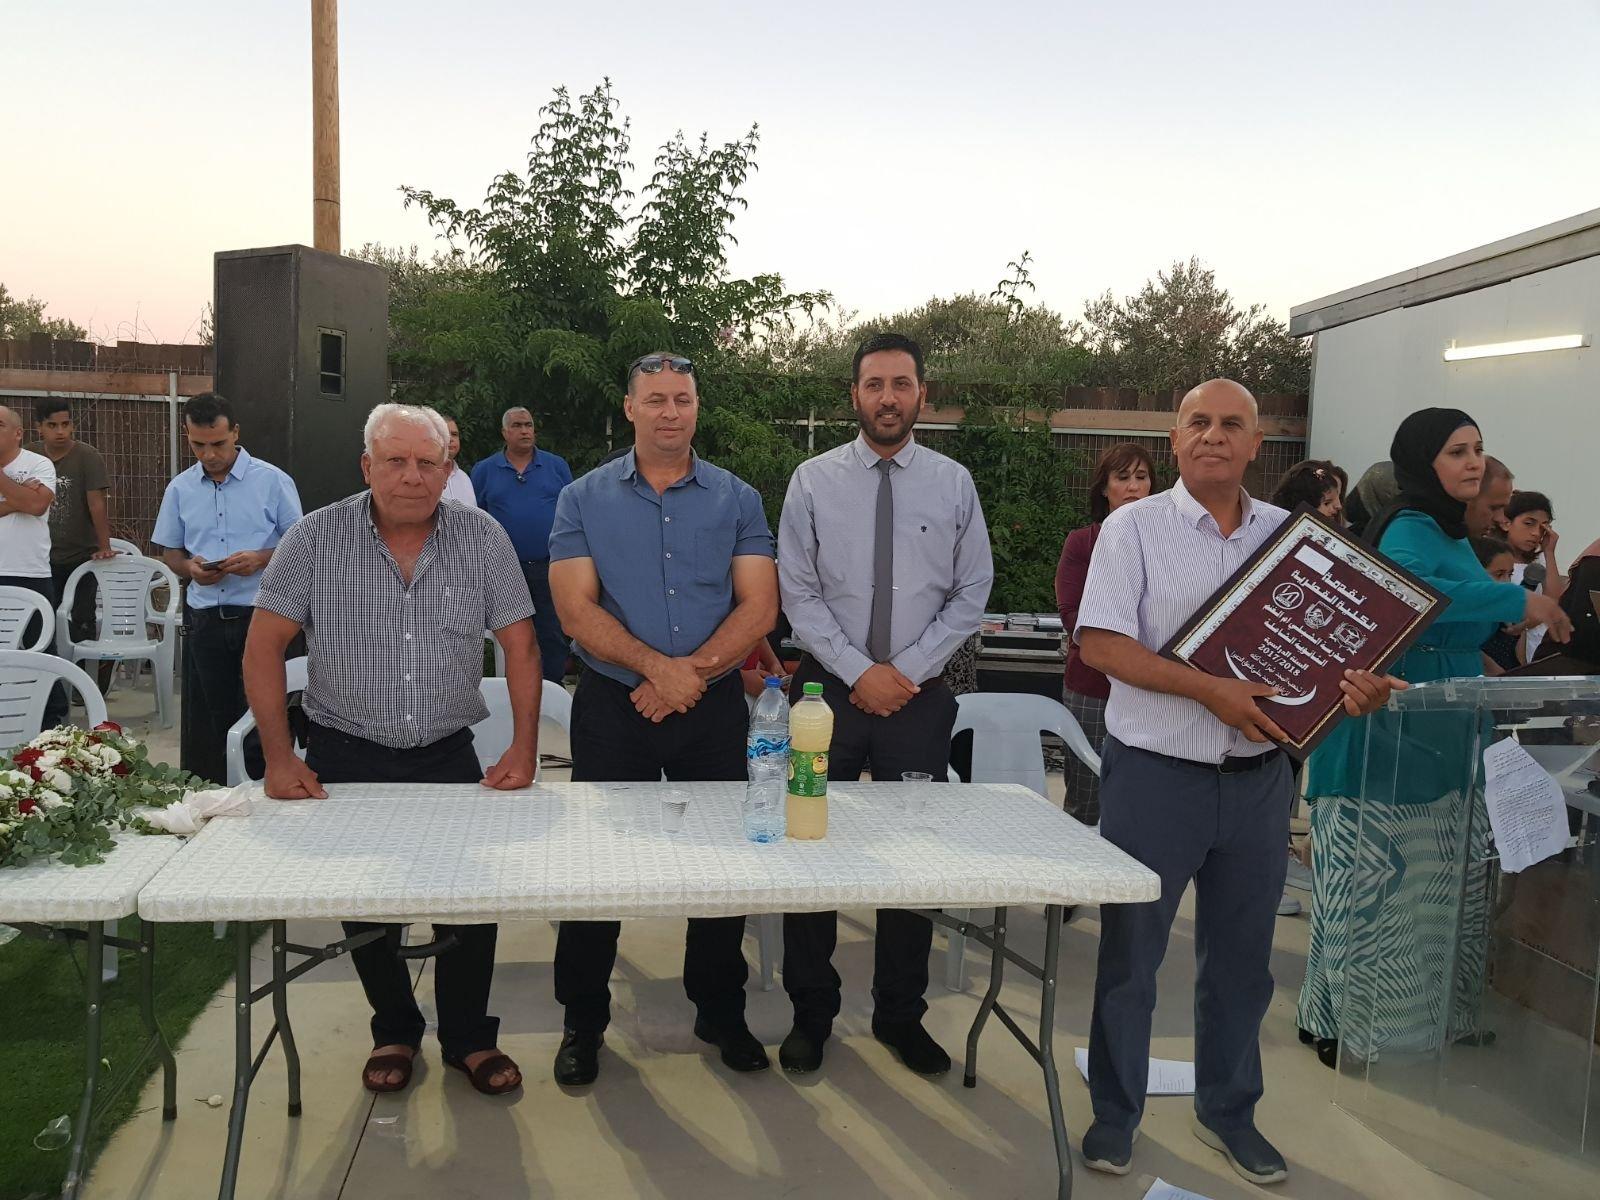 بالصور: الشبلي أم الغنم تحتفل بتخريج فوج من المدرسة الثانوية